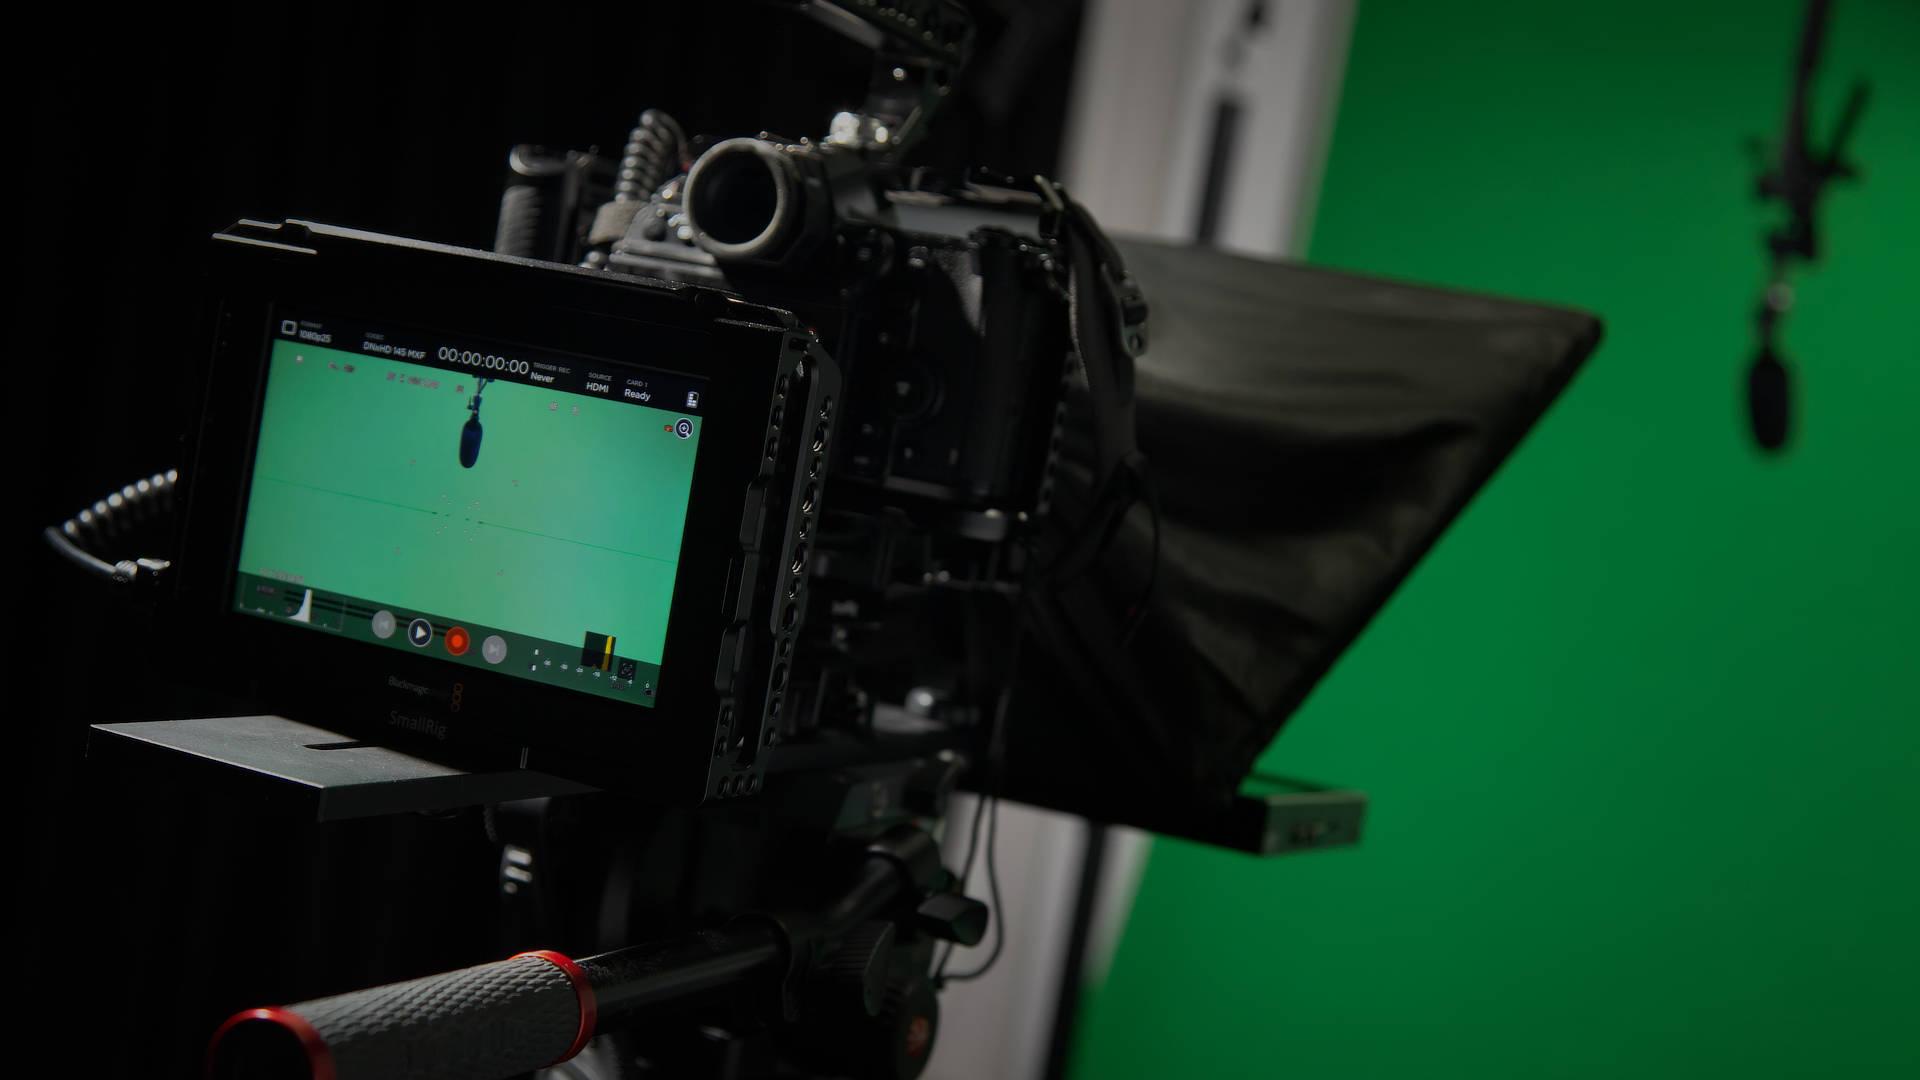 Estúdio de Vídeo e Fotografia da Multimédia com Todos - Espaço Chroma-Key